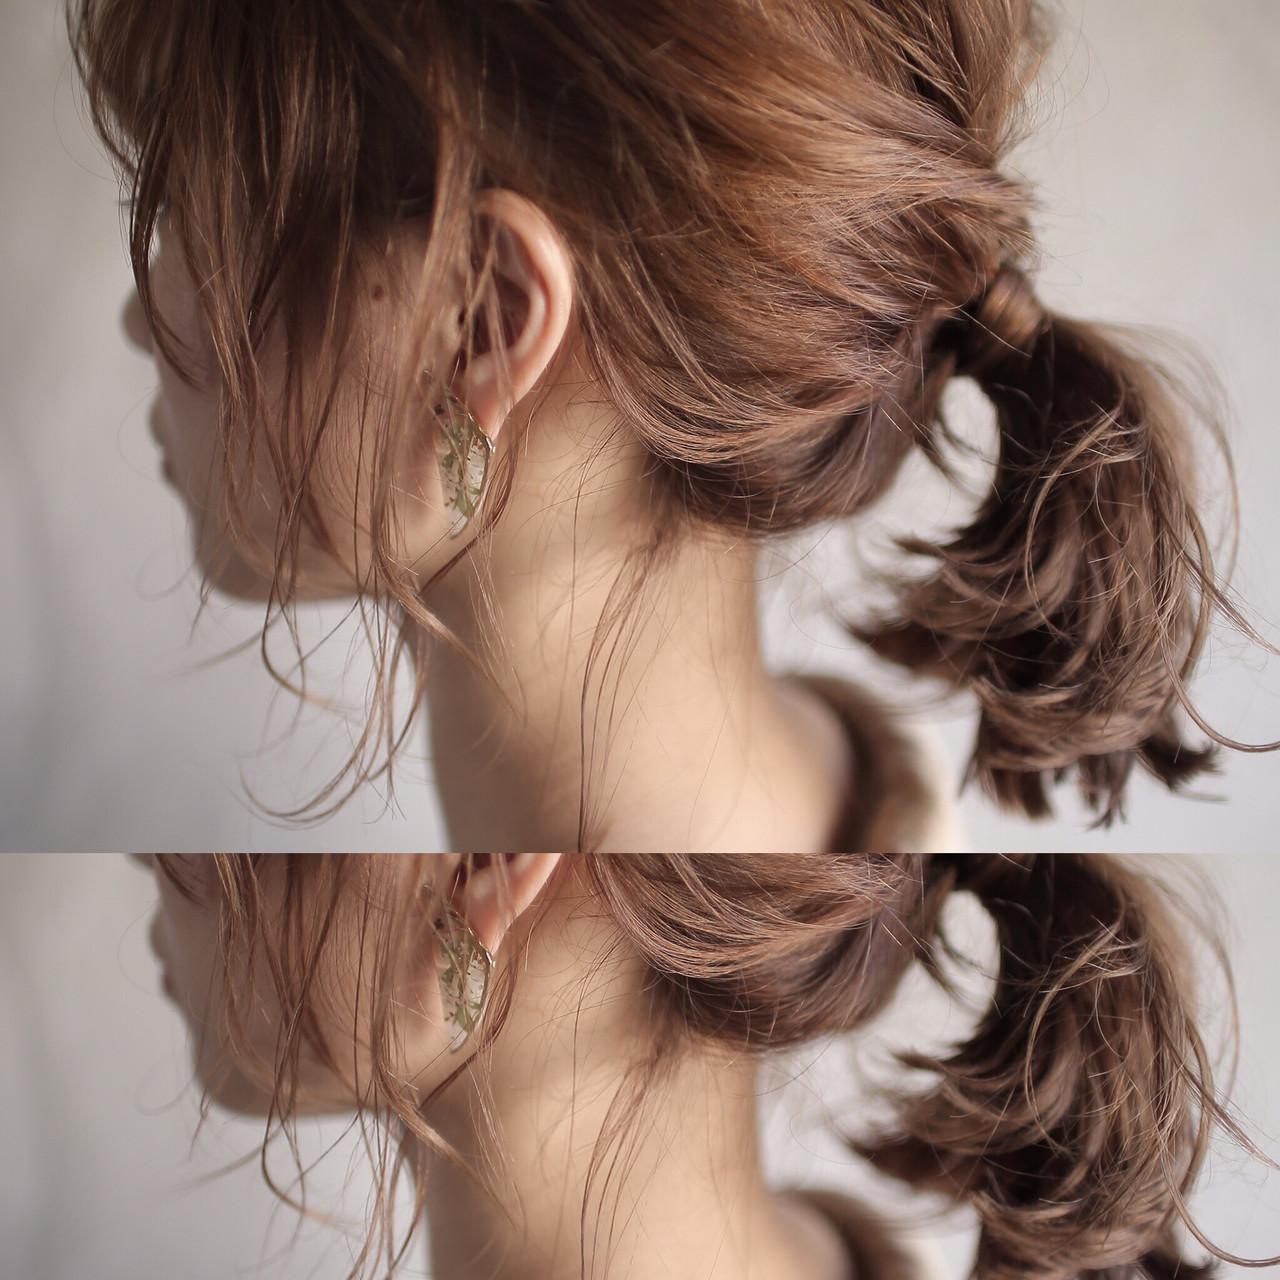 ミディアム ポニーテールアレンジ 外ハネ セルフアレンジ ヘアスタイルや髪型の写真・画像